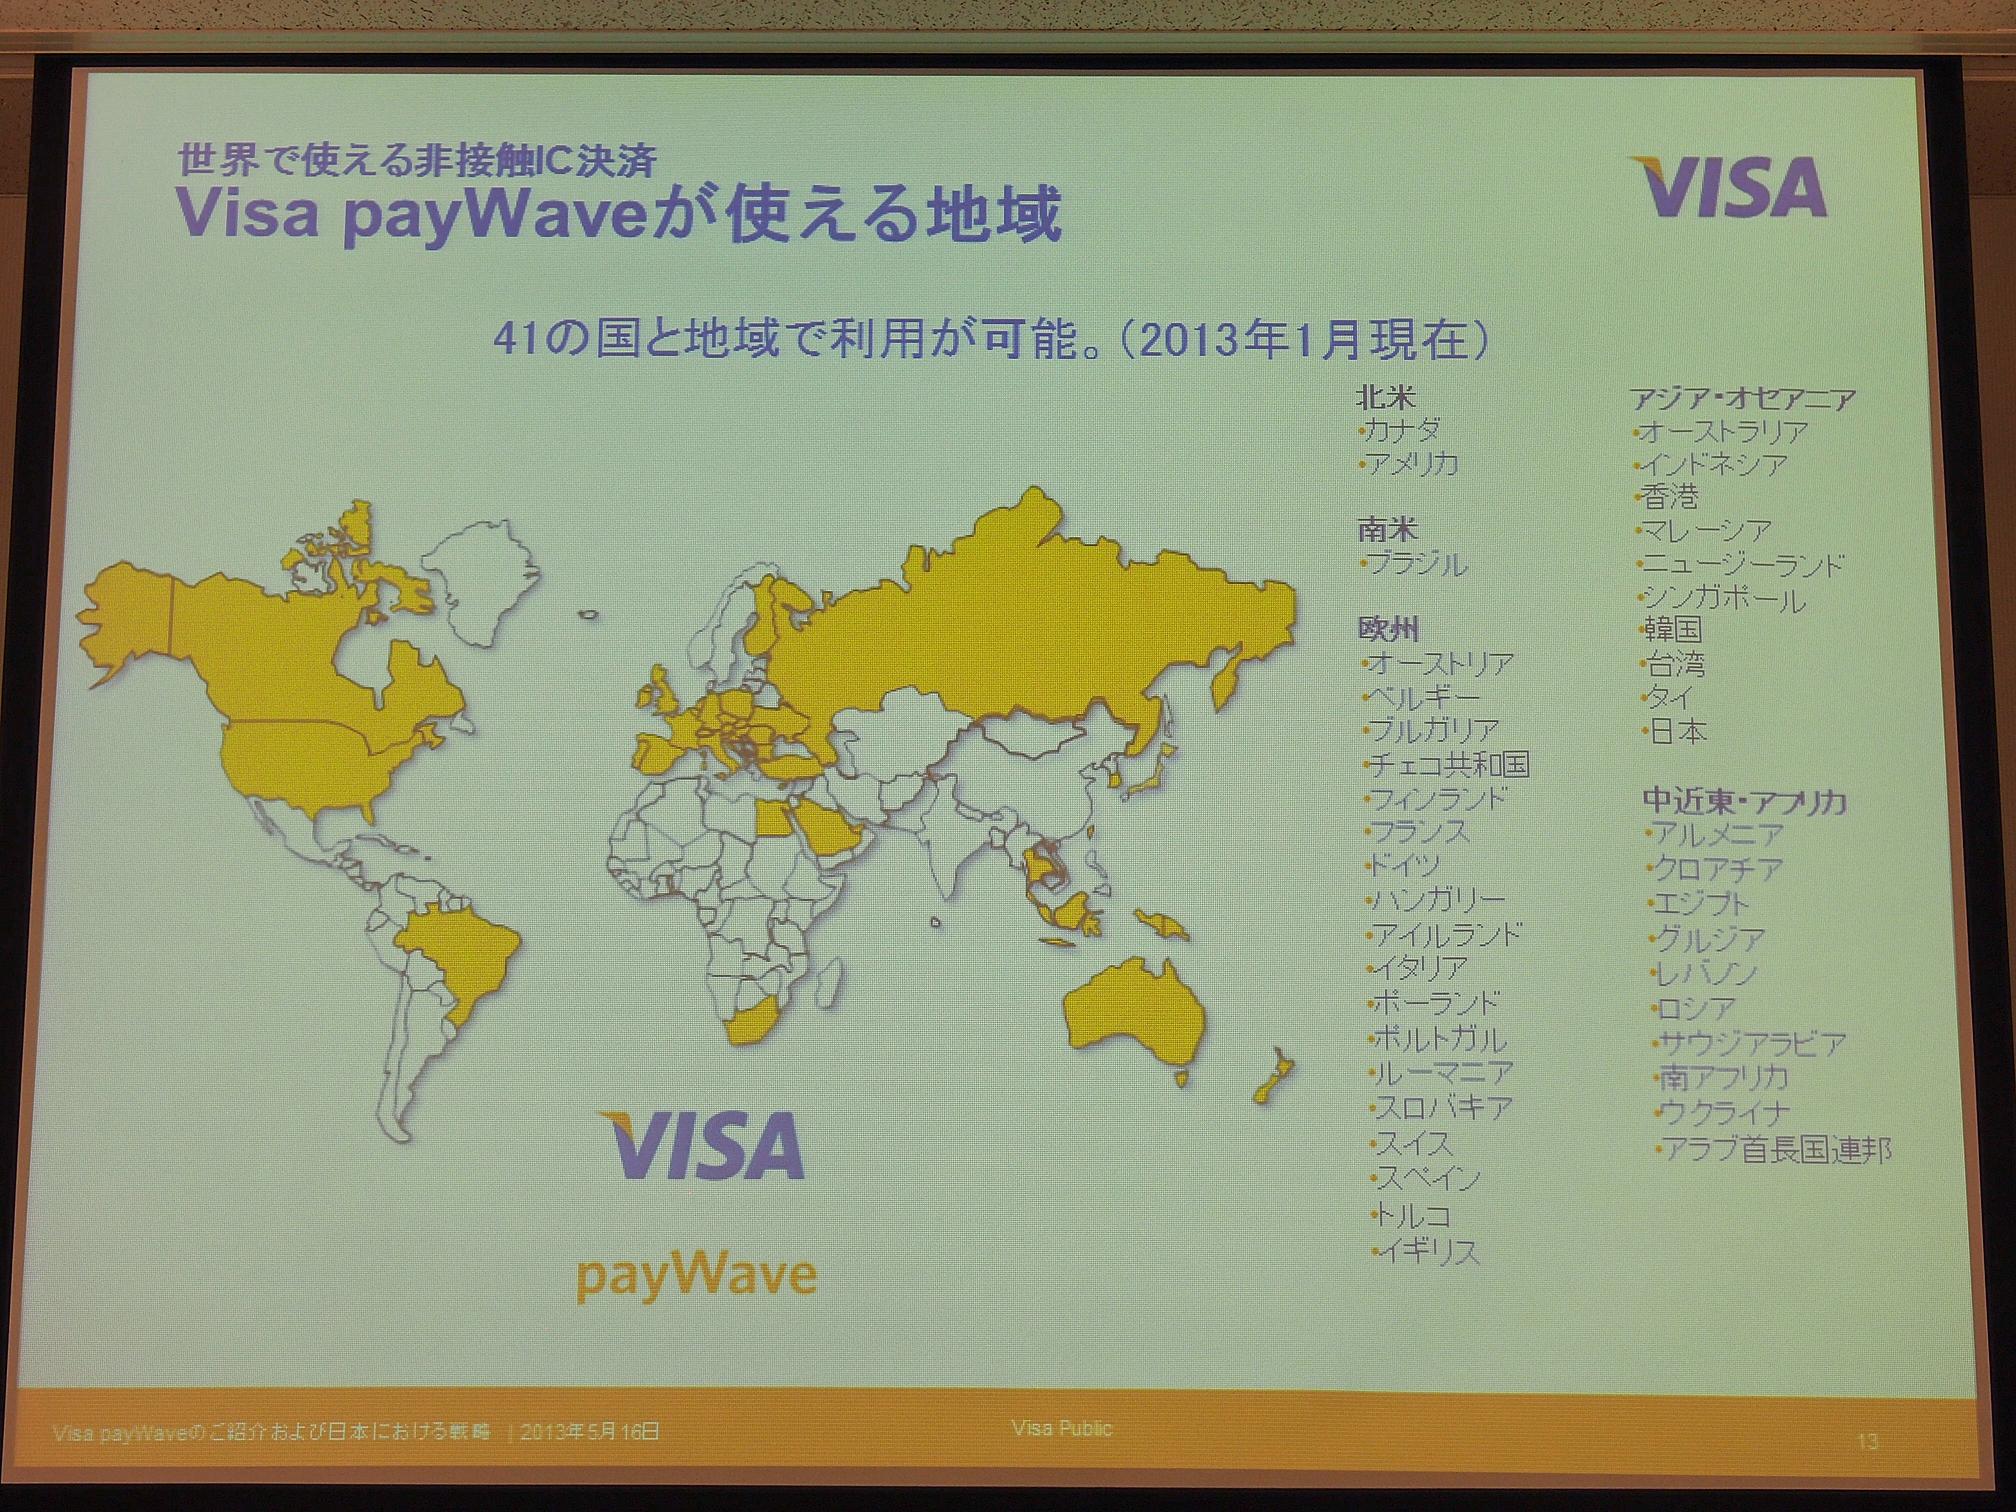 Visa payWaveは世界41の国・地域で利用可能